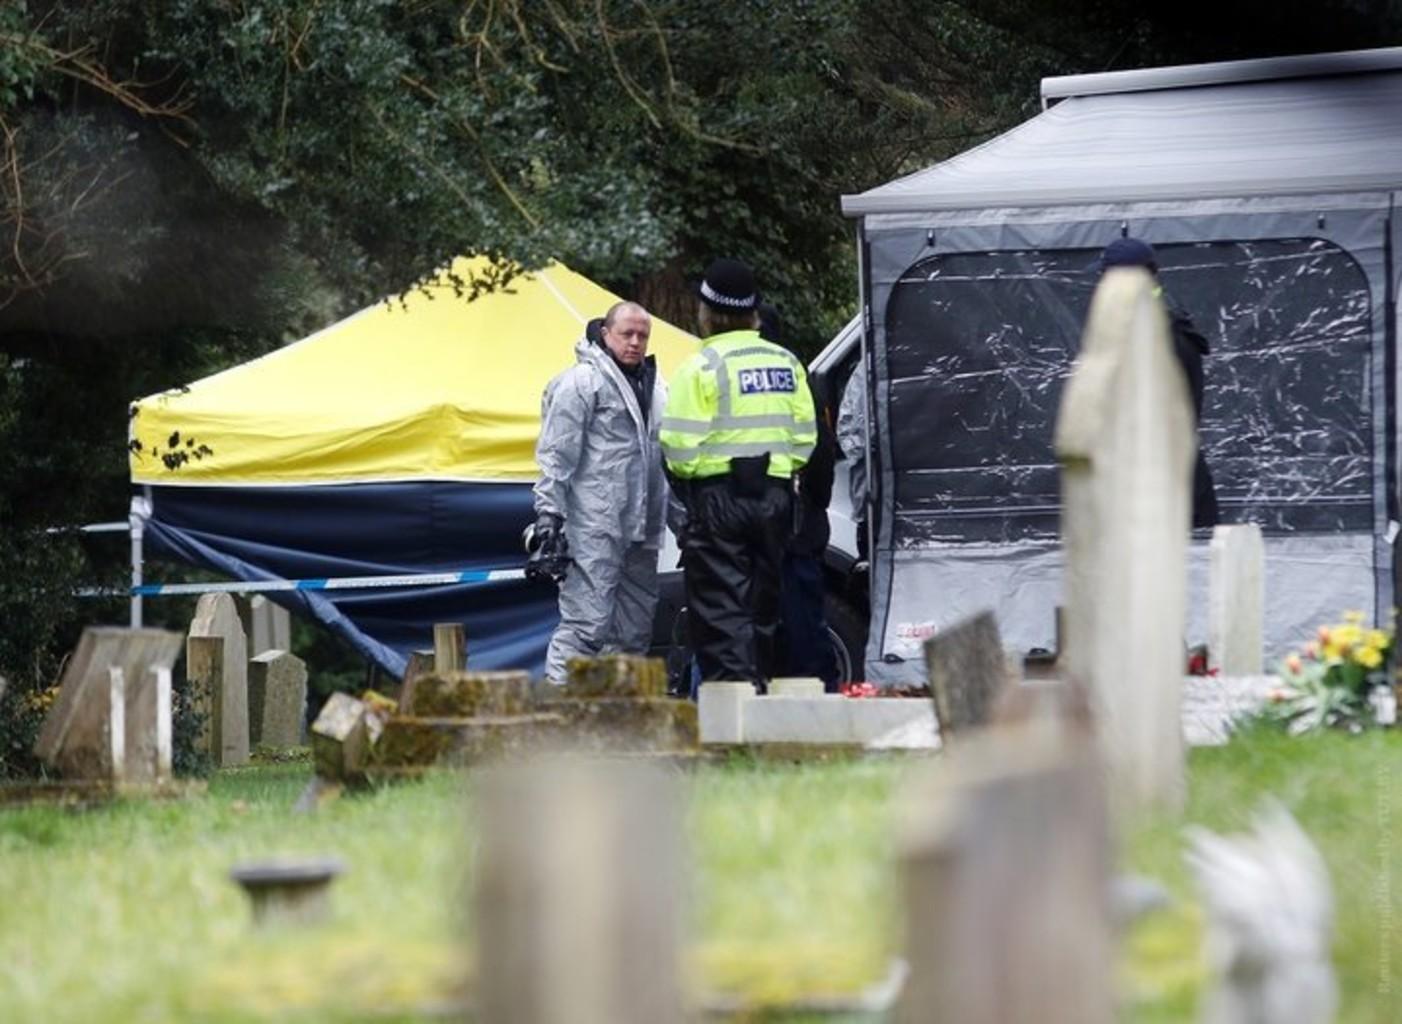 Полиция накрыла тентами и оцепила могилы жены и сына Скрипаля на местном кладбище. Фото: Reuters